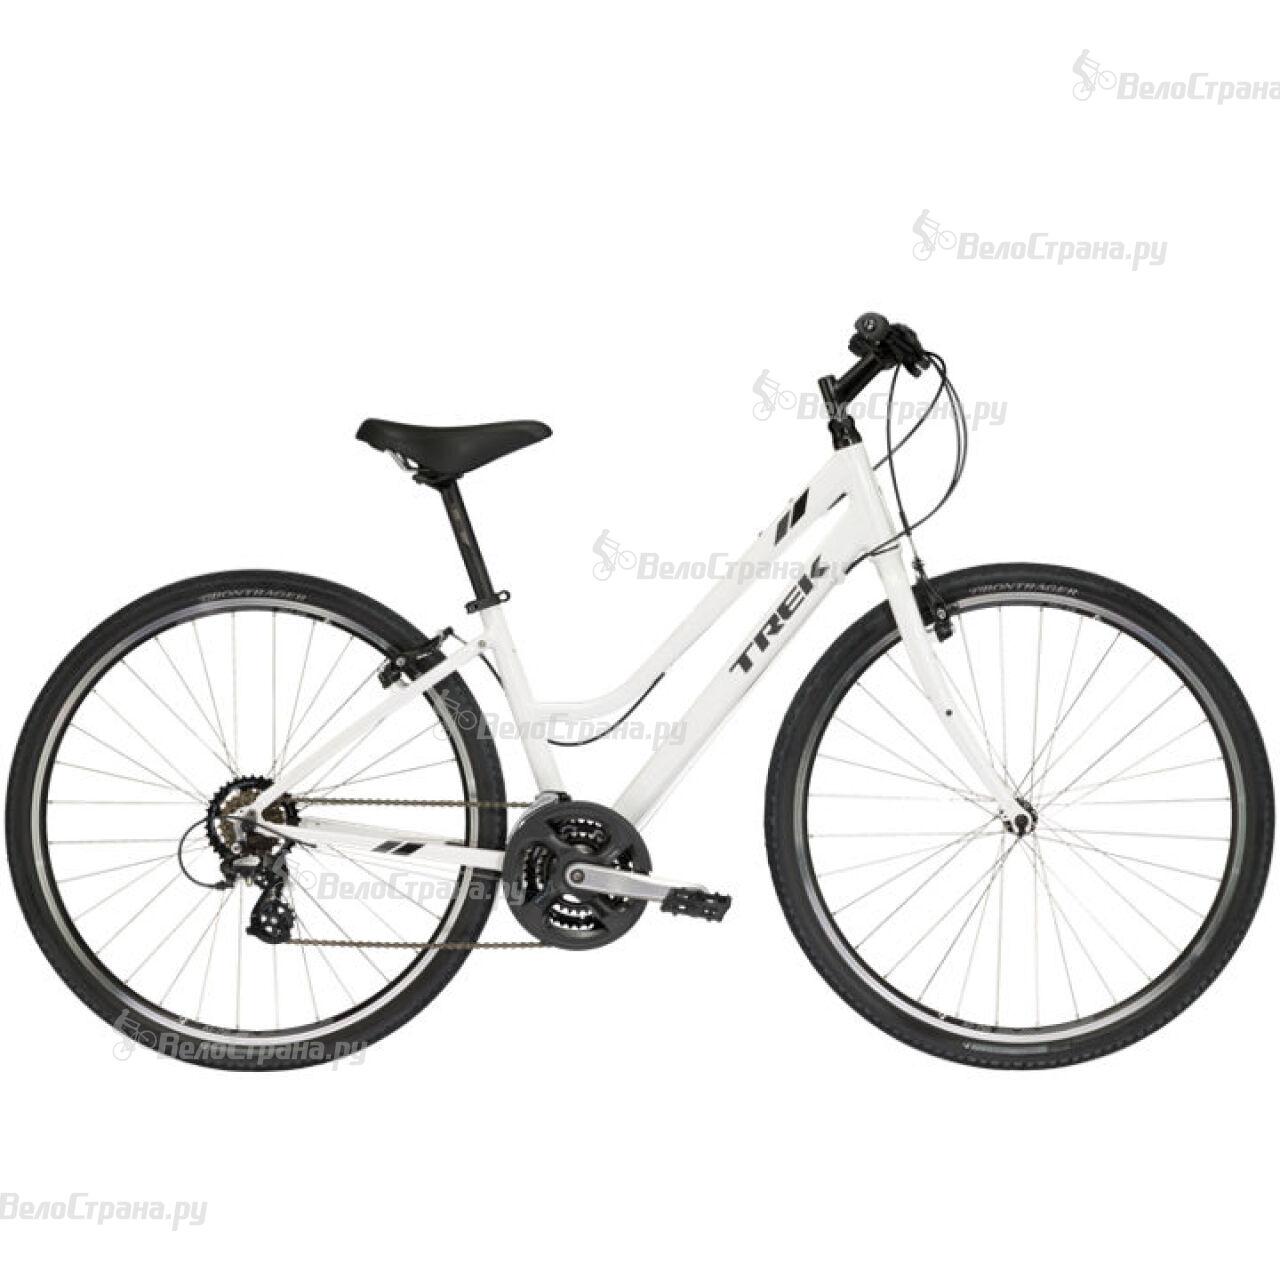 Велосипед Trek Verve 1 WSD (2017) велосипед trek neko 1 wsd 2018